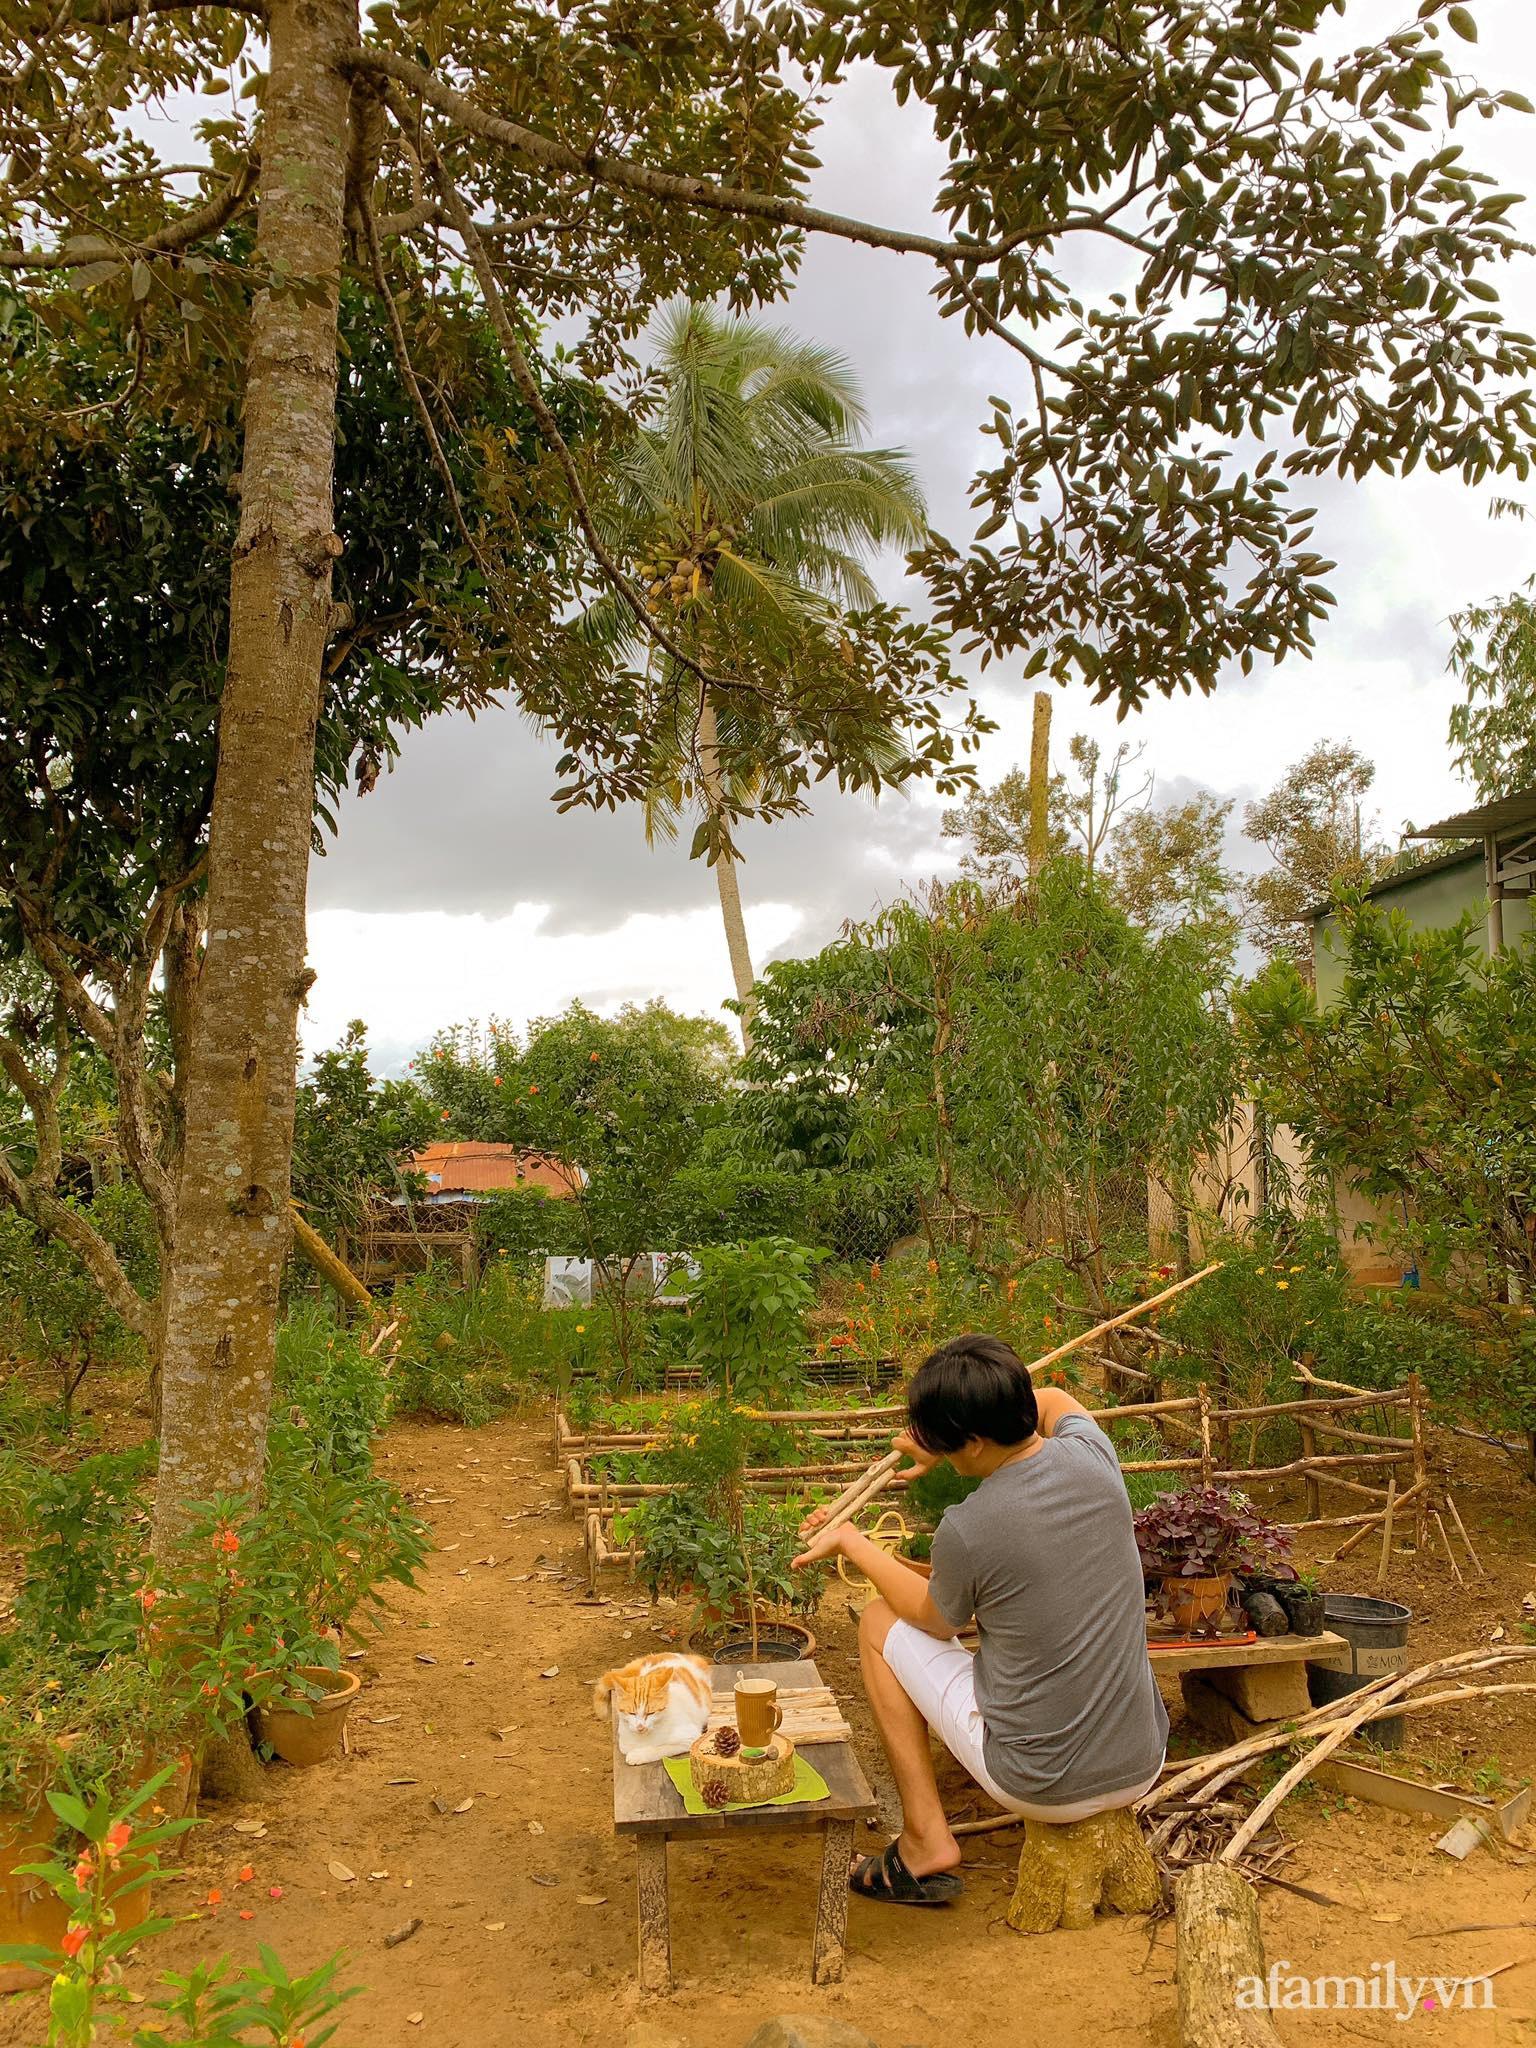 Chán cuộc sống bon chen ở phố, cặp vợ chồng 9X có thu nhập ổn định quyết định chọn về quê sống bình yên bên vườn tược ở Đắk Lắk - Ảnh 8.